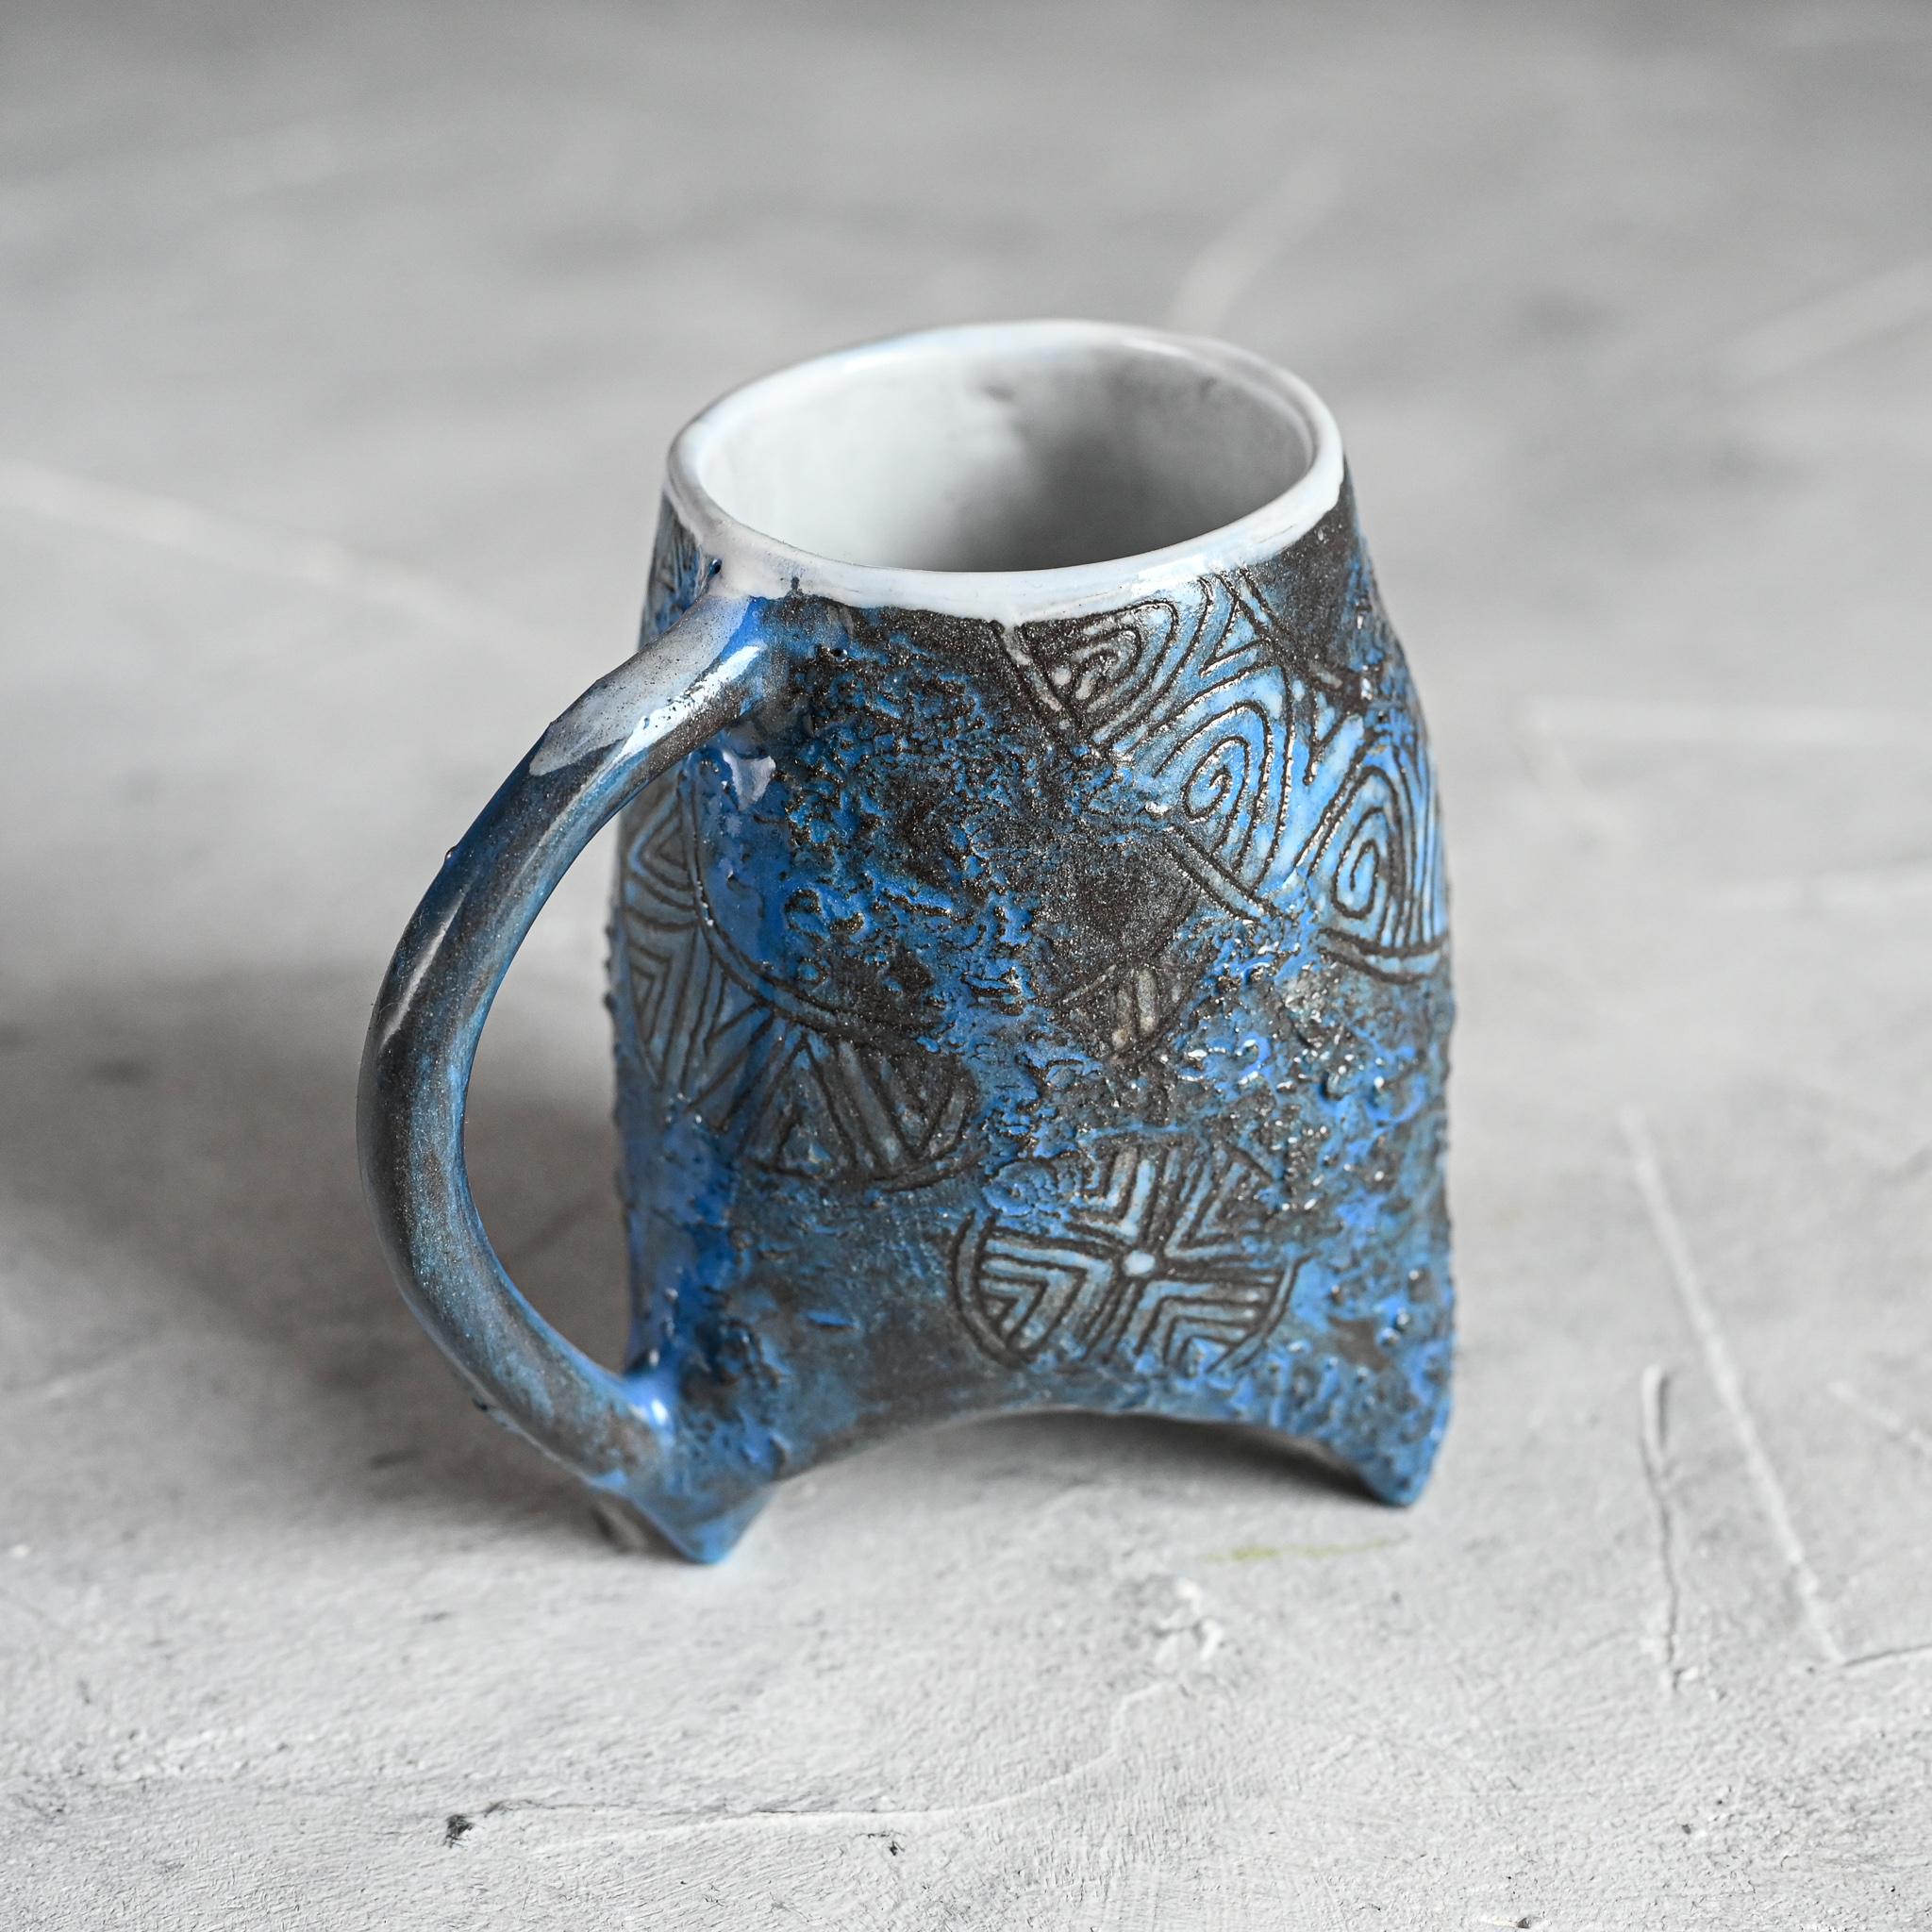 """картинка Небольшая чашка на ножках """"Майя"""" 1 - DishWishes.Ru"""